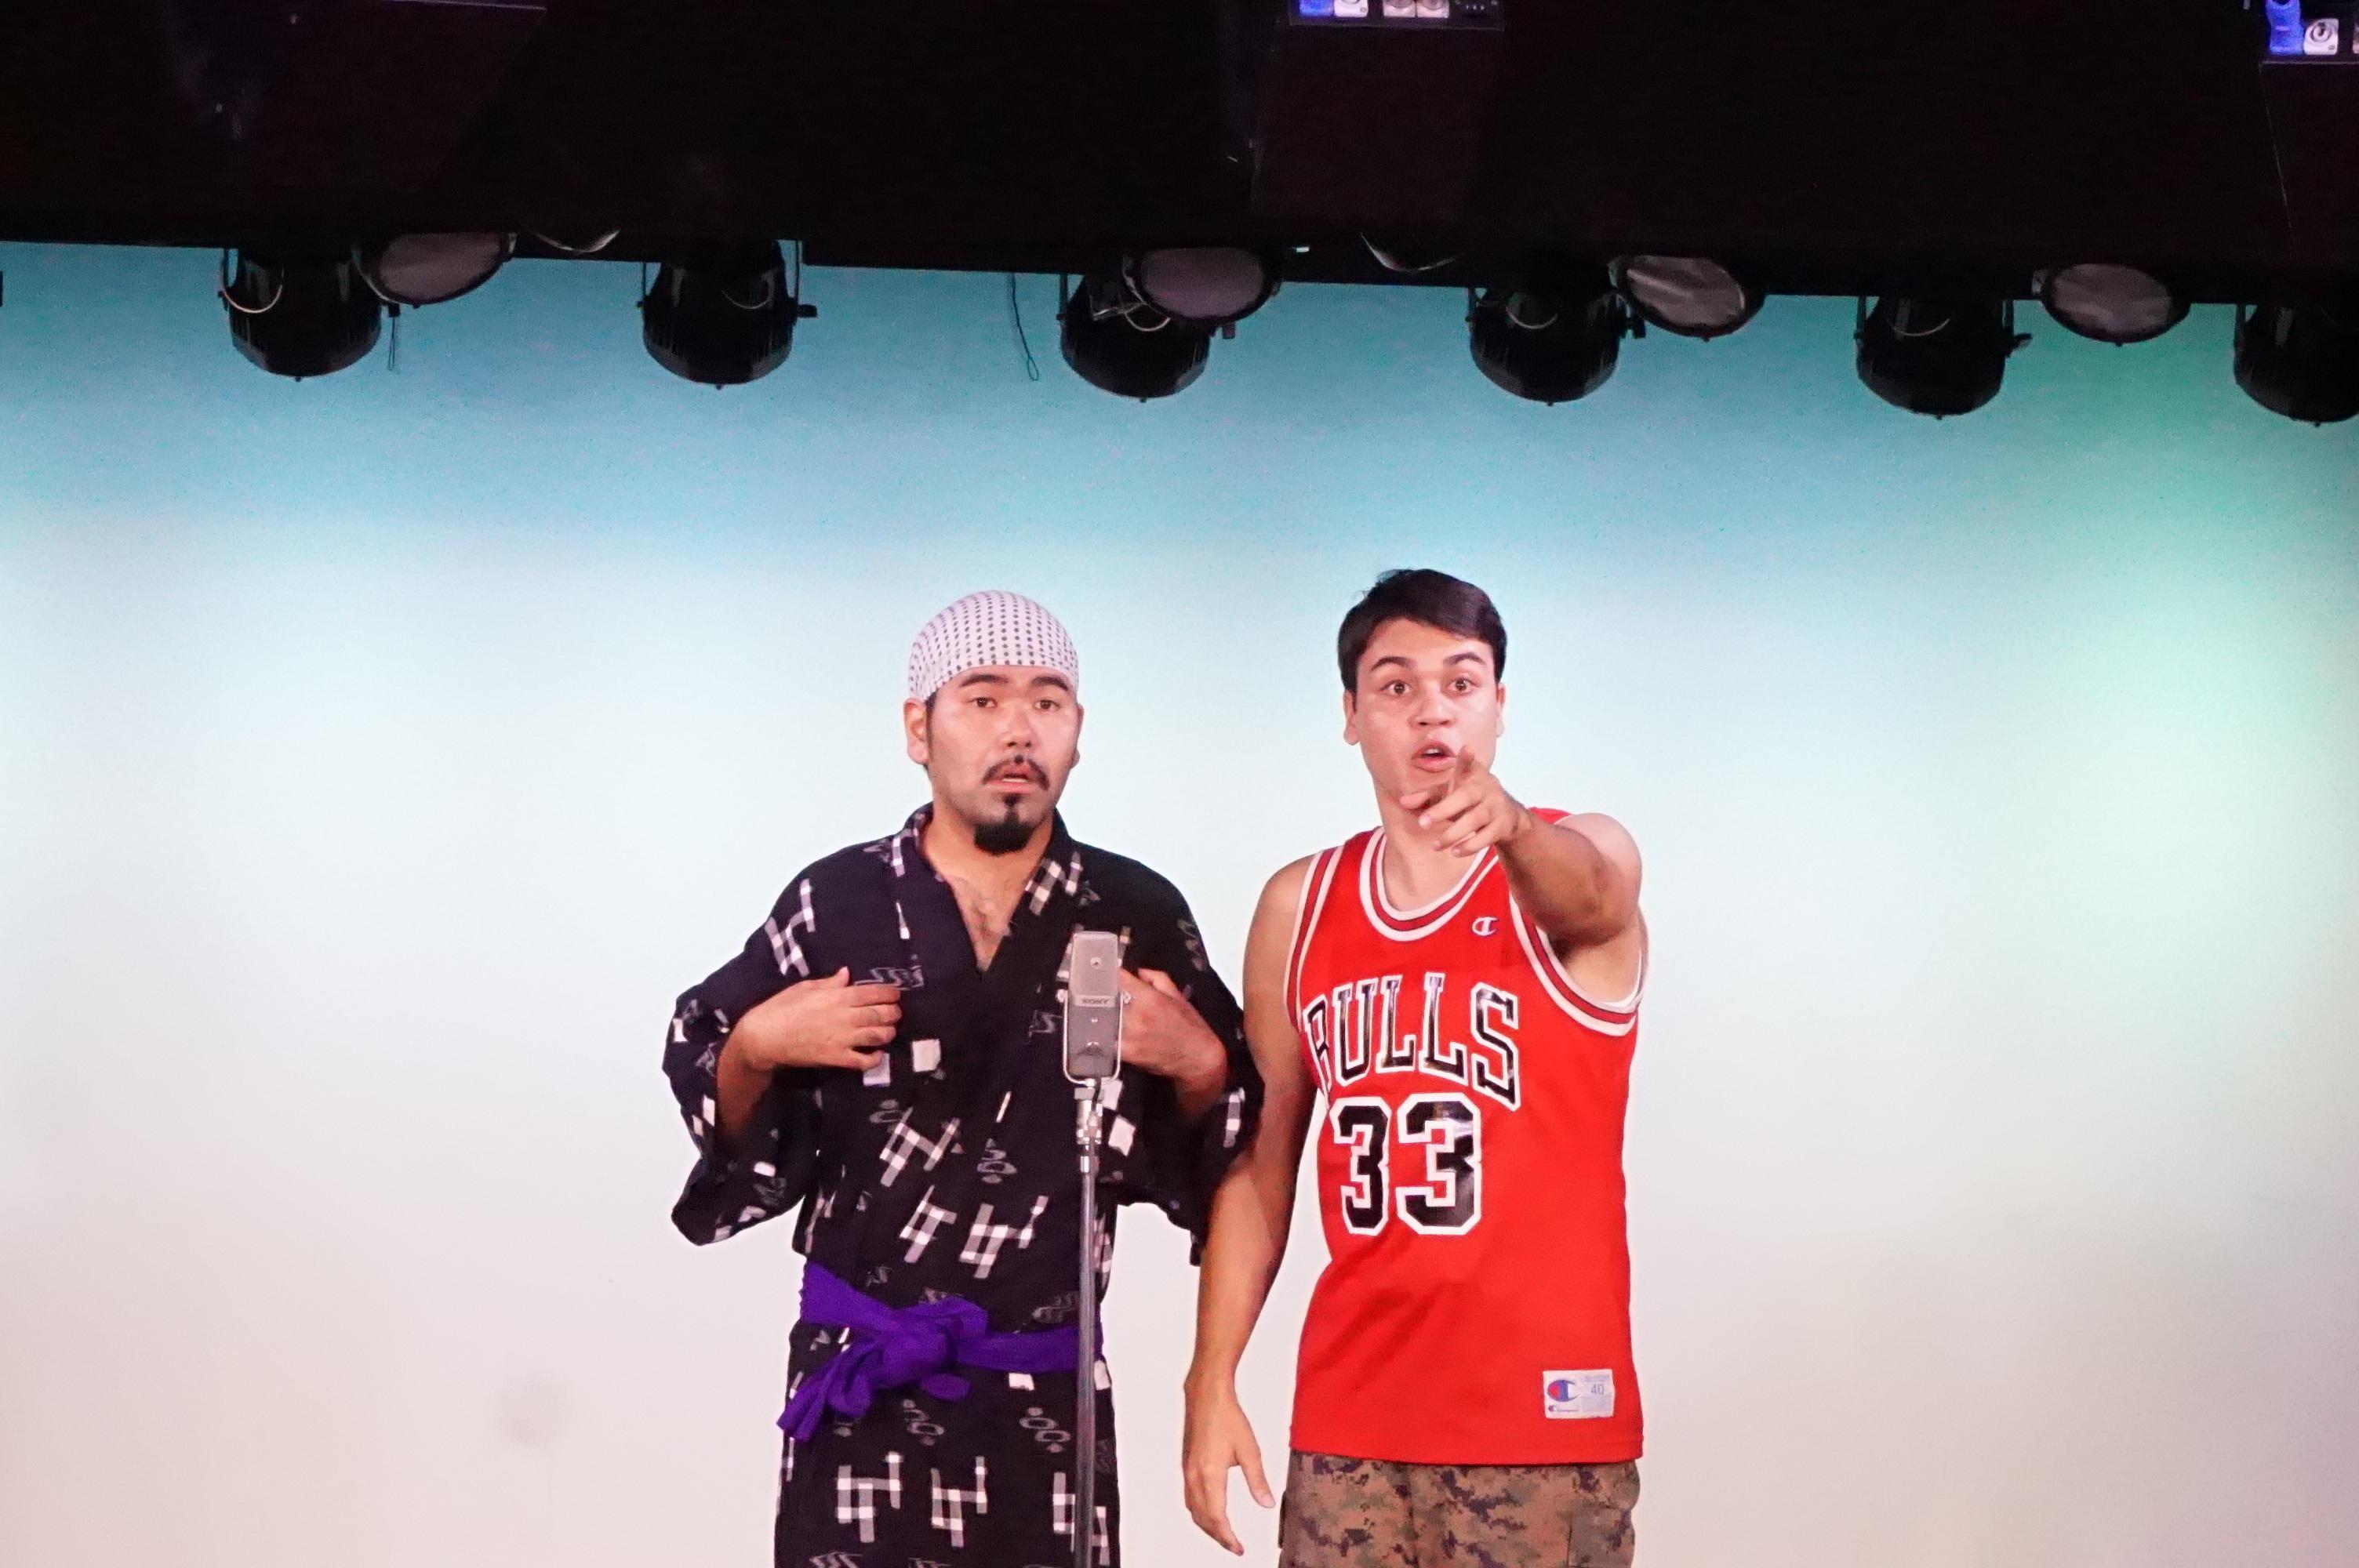 http://news.yoshimoto.co.jp/20180724165220-ce79aac0ac56c3c6c7e48d3b4e3cb3fa575bba27.jpg